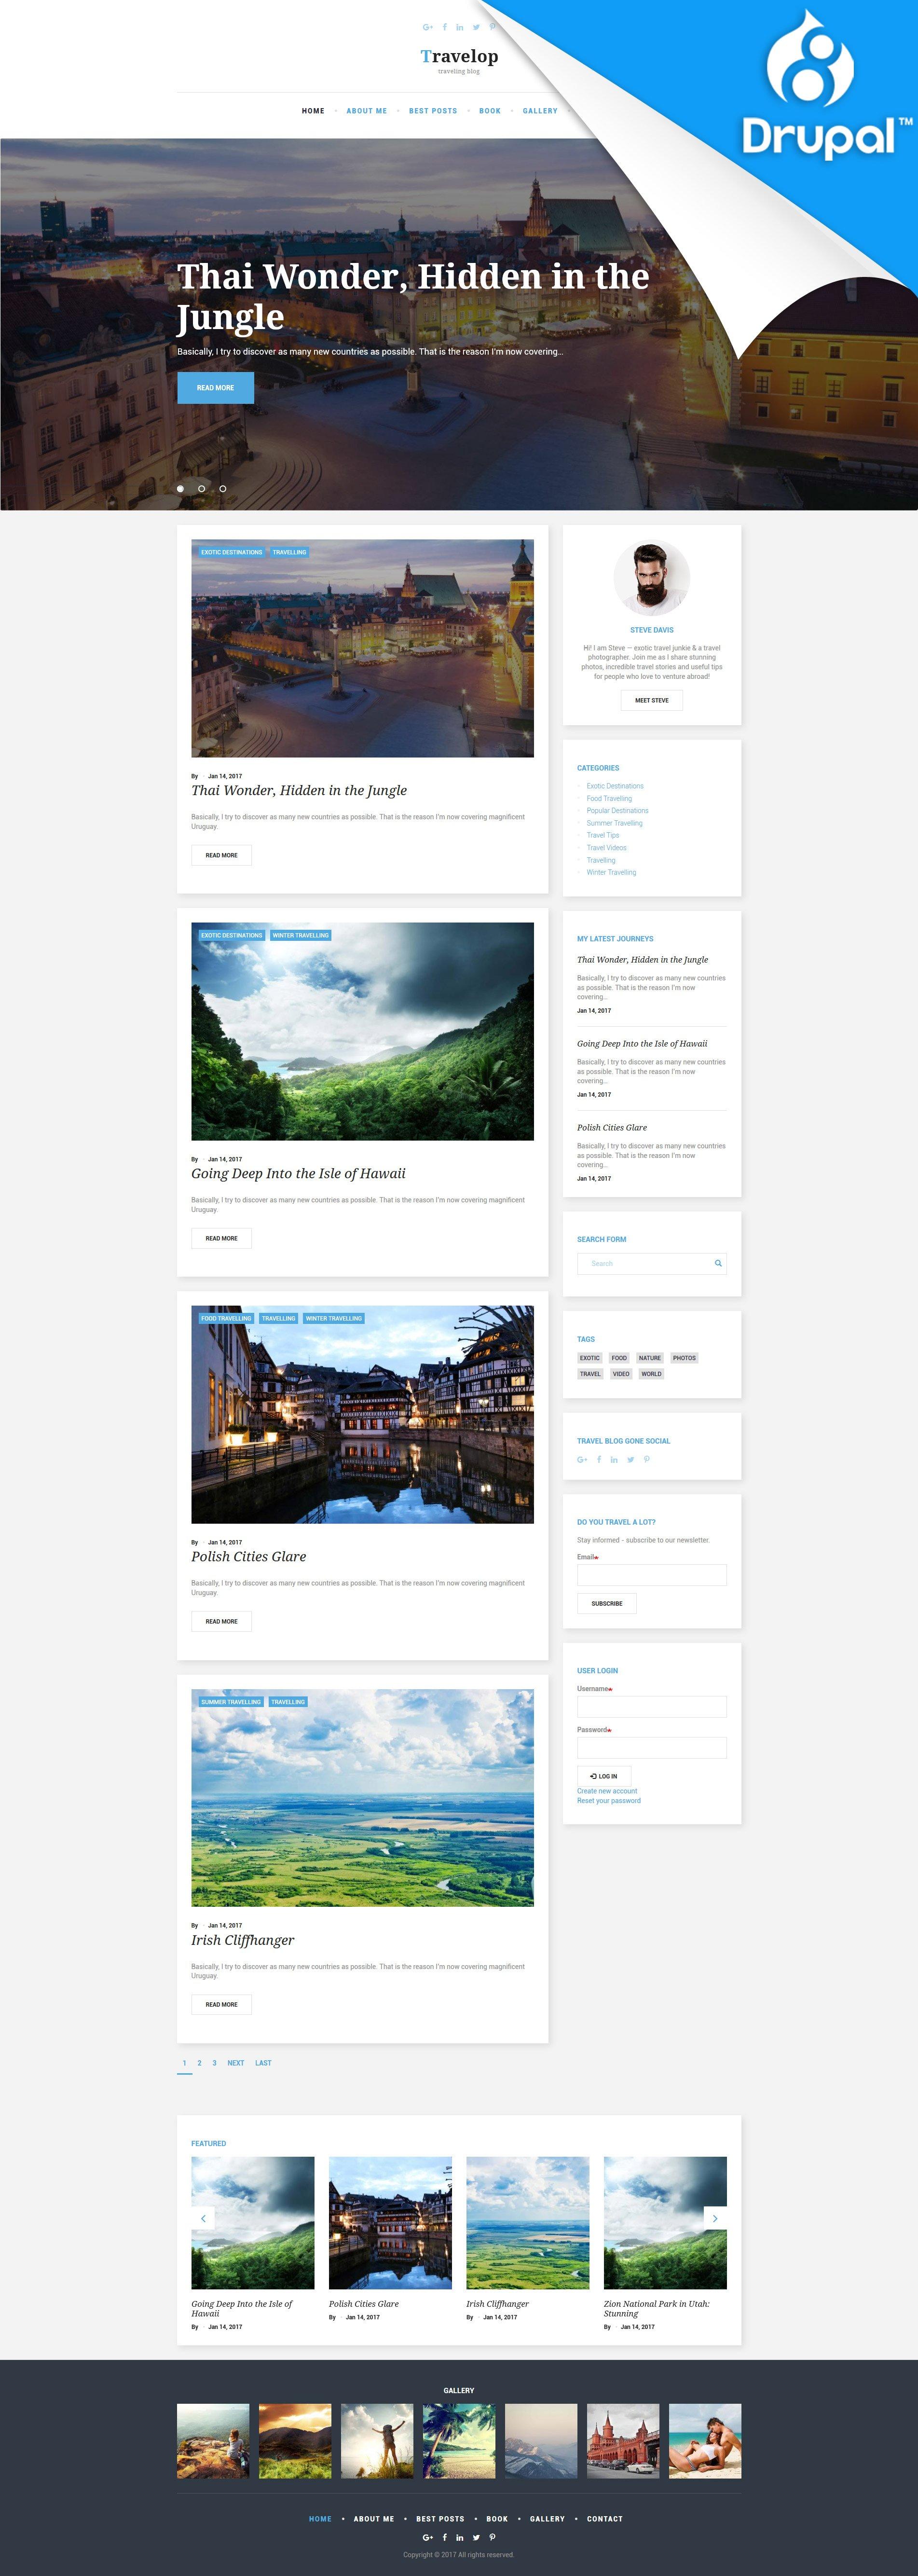 Travelop - Traveling Blog Template Drupal №59576